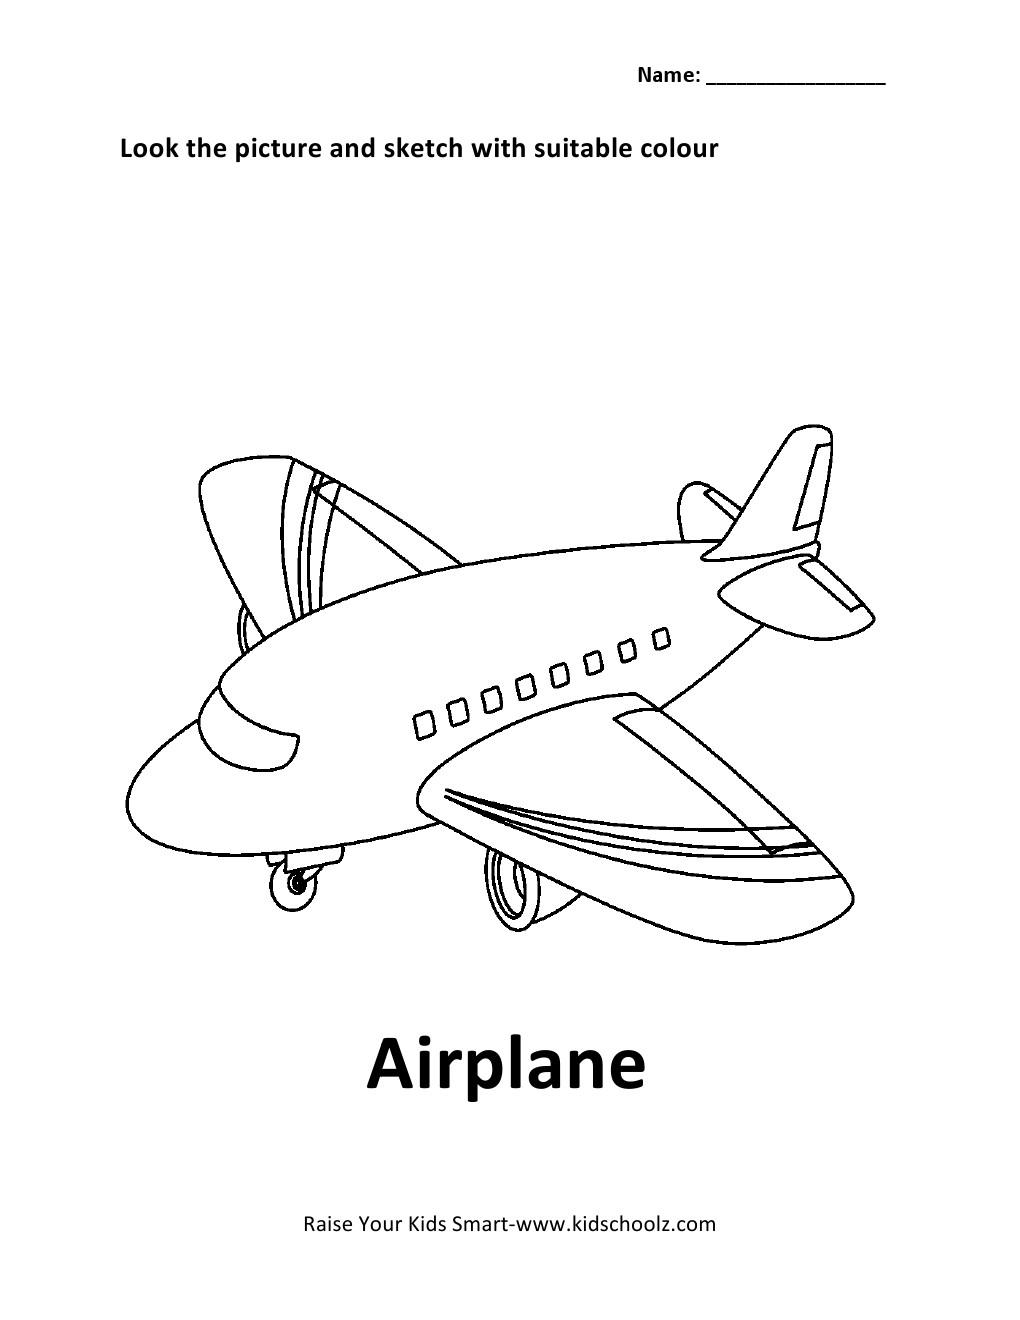 Worksheet Worksheet For Kg Class lkg worksheets kindergarten printable sheets kids activity vehicles colouring worksheet airplane